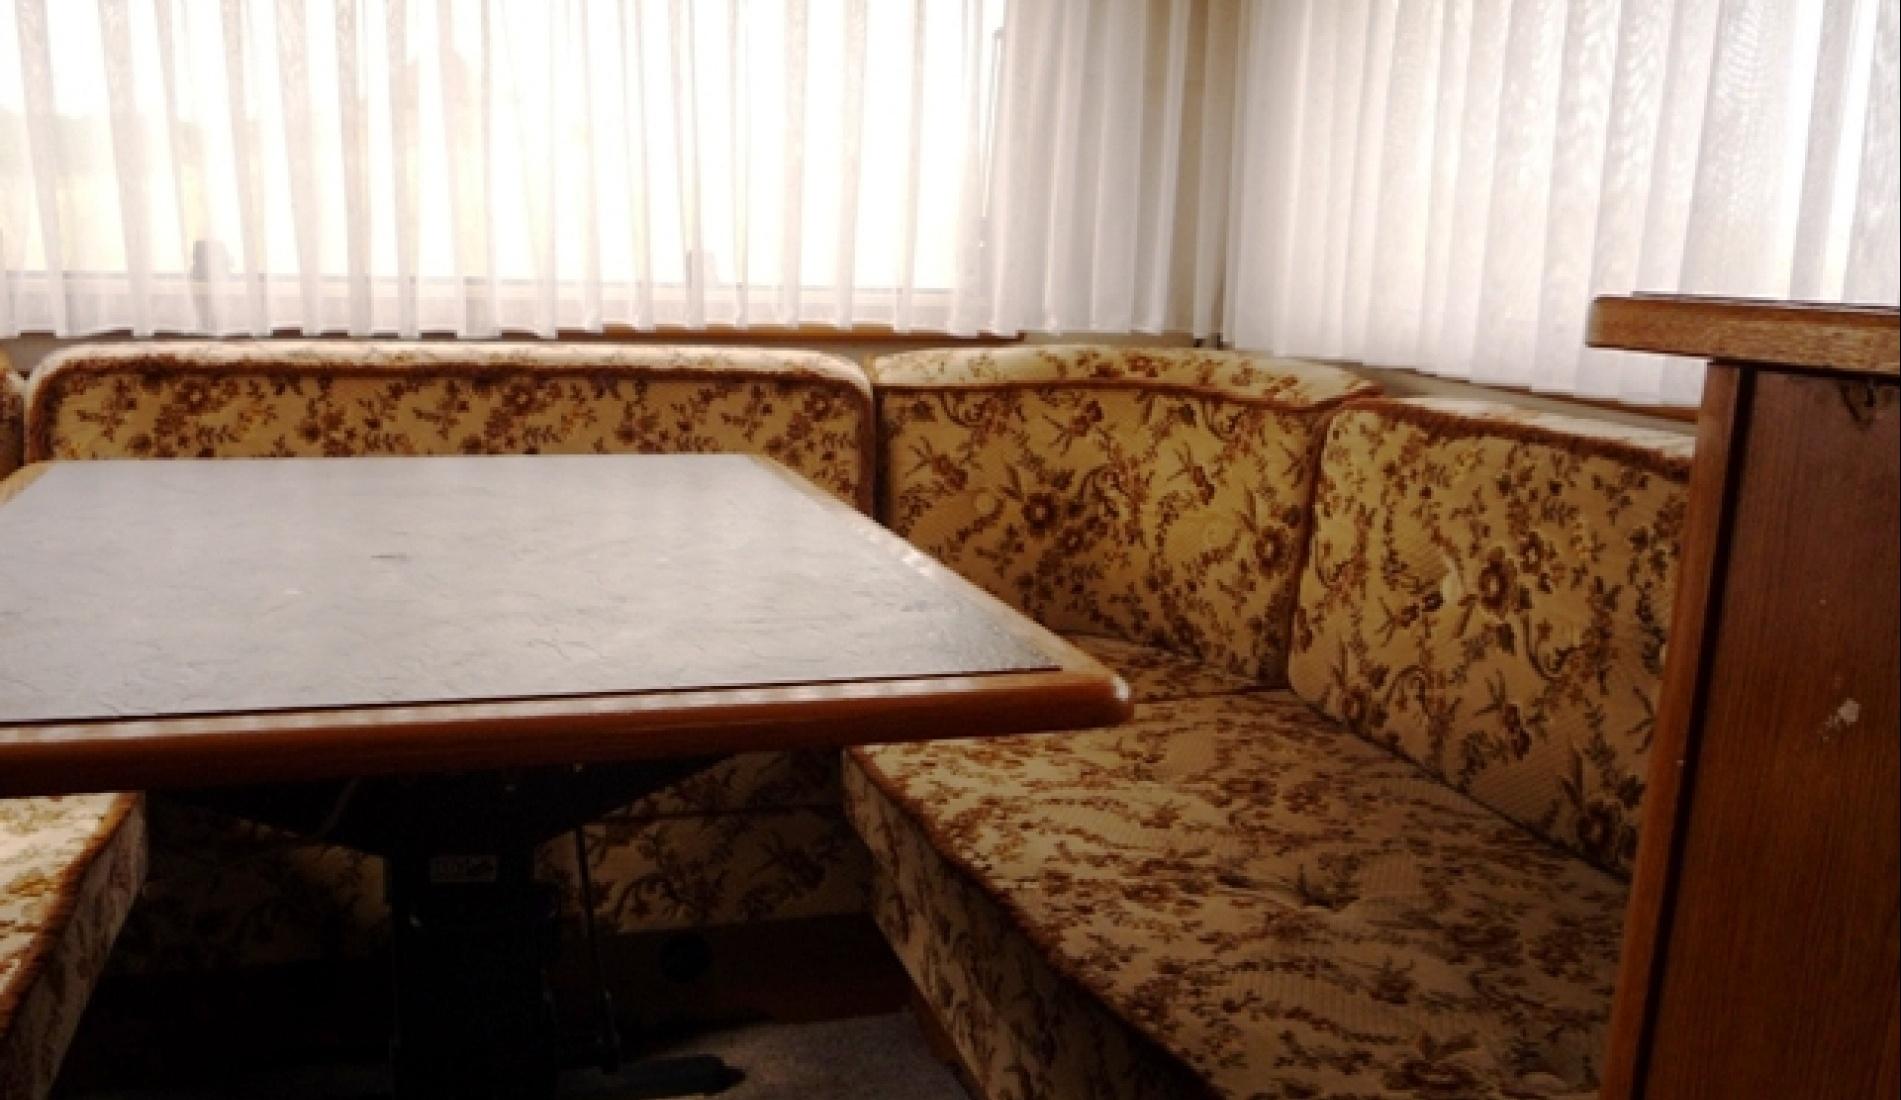 """База отдыха """"Белая гора"""" Пензенская область 4-х местные домики на колесах с беседкой и мангалом, фото 5"""